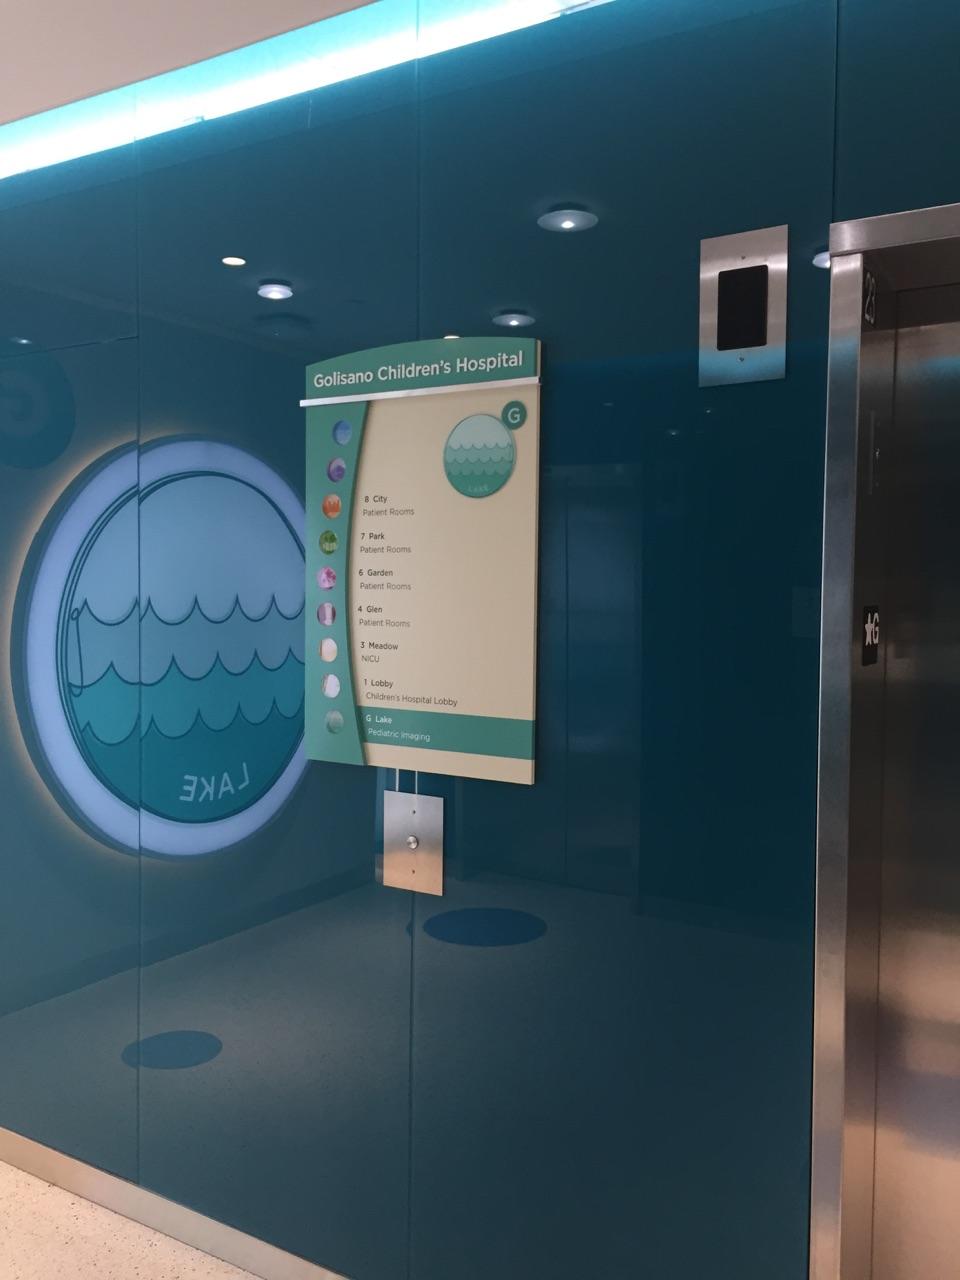 Golisano Children's Hospital Elevator Signage